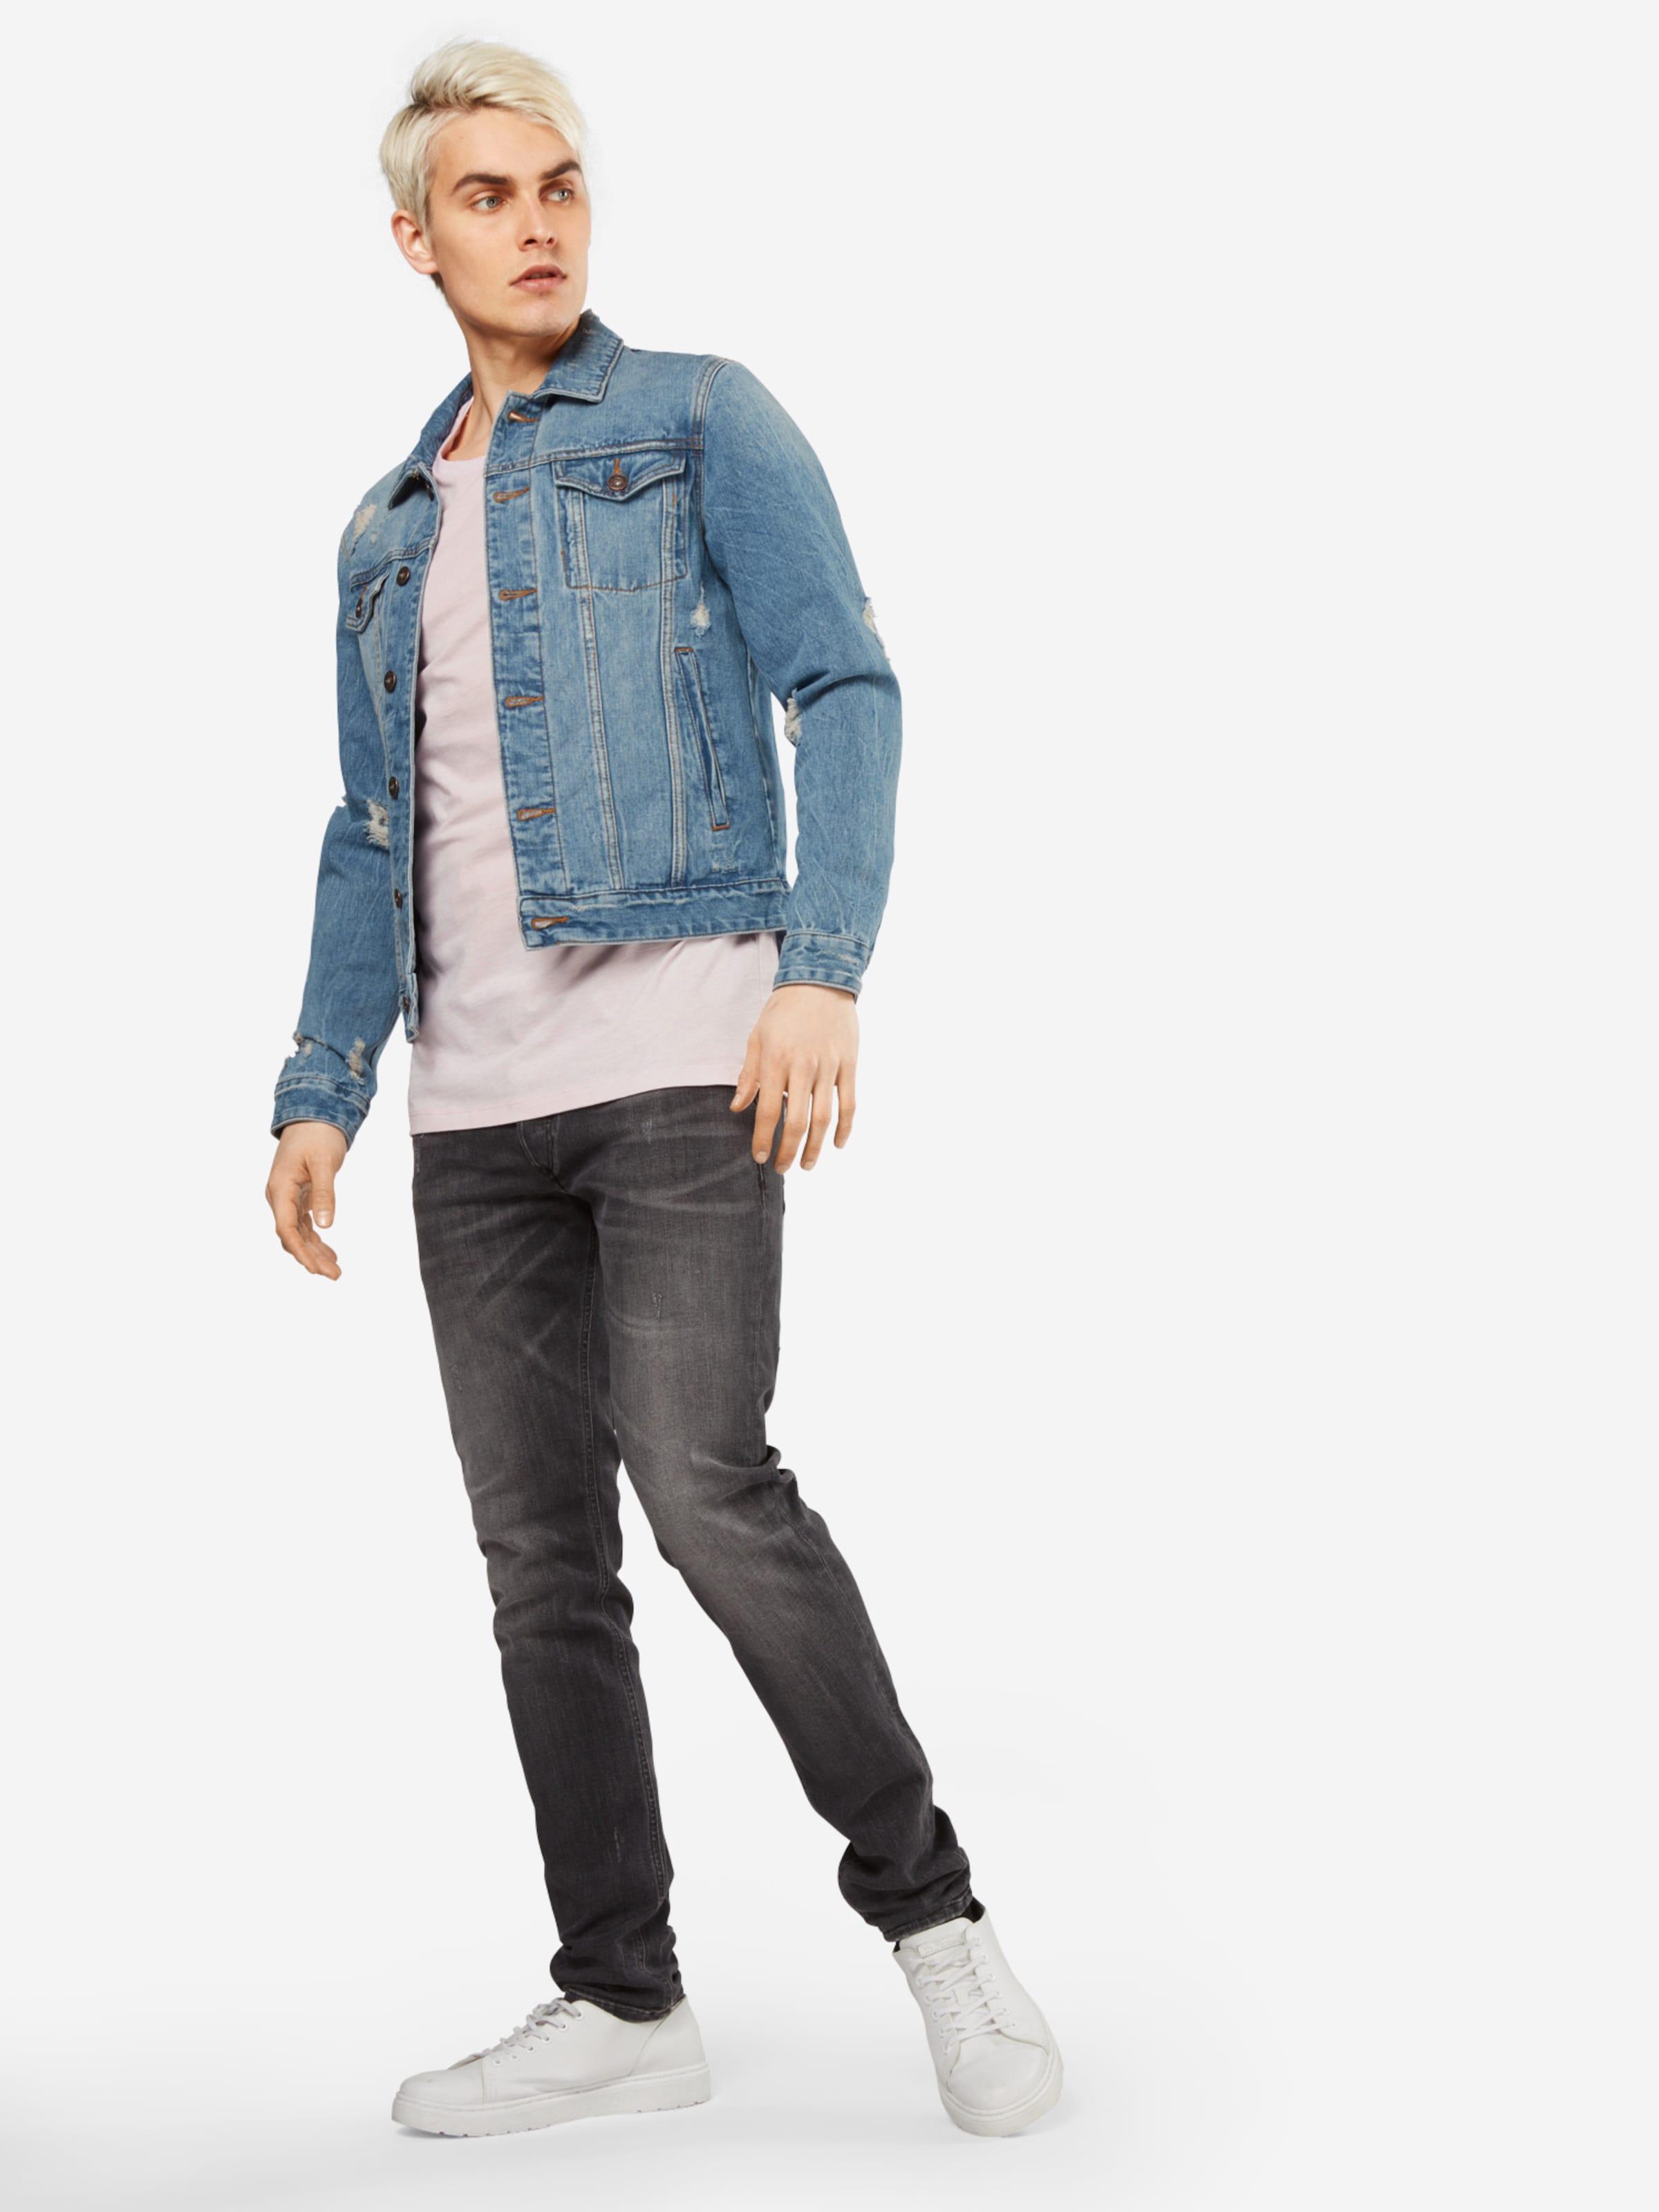 Erscheinungsdaten Verkauf Online Ben Sherman Shirt 'THE PLAIN POCKET CREW TEE' Verkauf Offizielle Verkauf Mit Mastercard Austrittskosten ZAok2